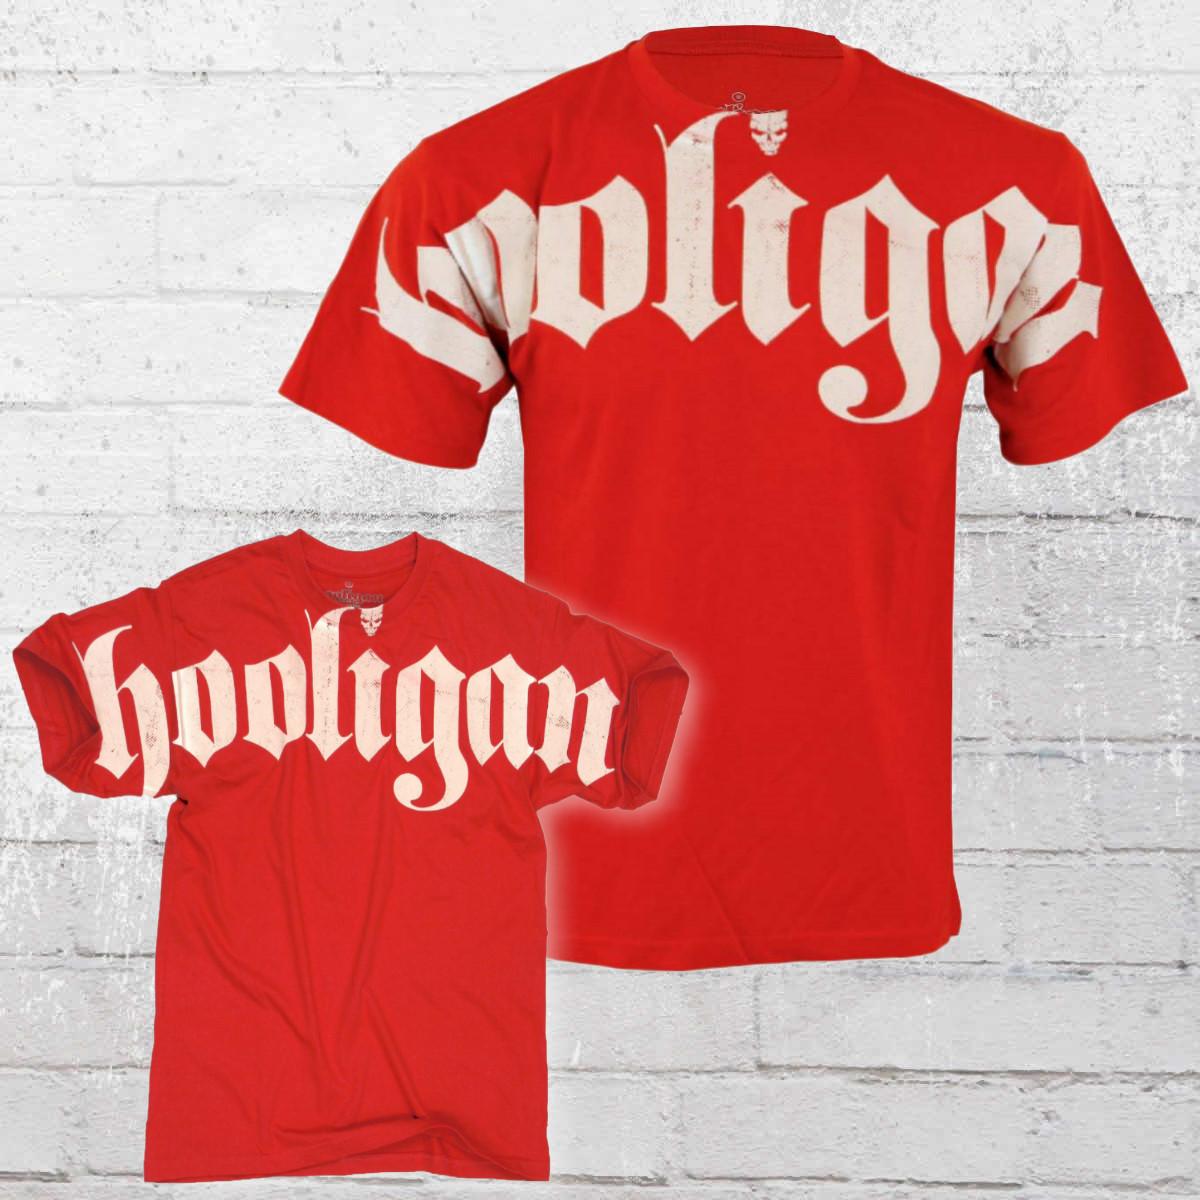 Hooligans Shop